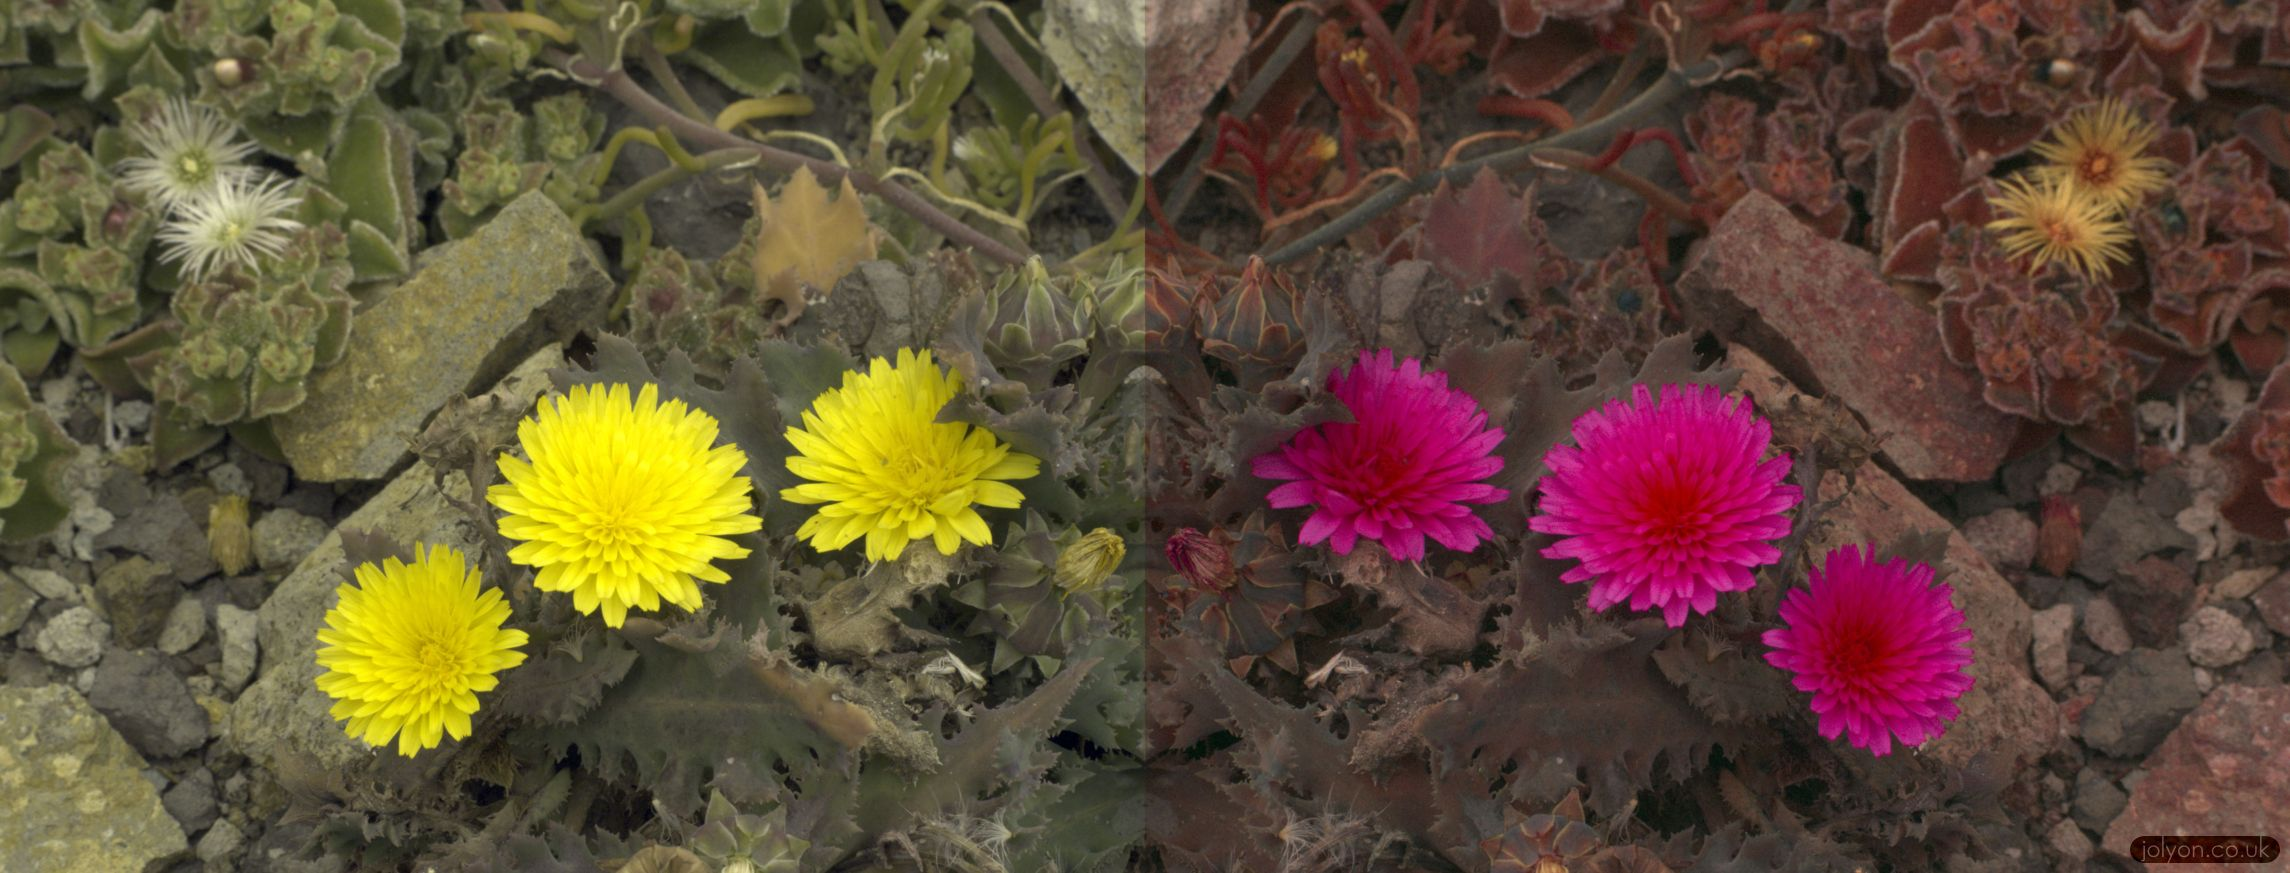 Tenerife wild flowers in uv bee vision jolyons website tenerife wild flowers in uv bee vision izmirmasajfo